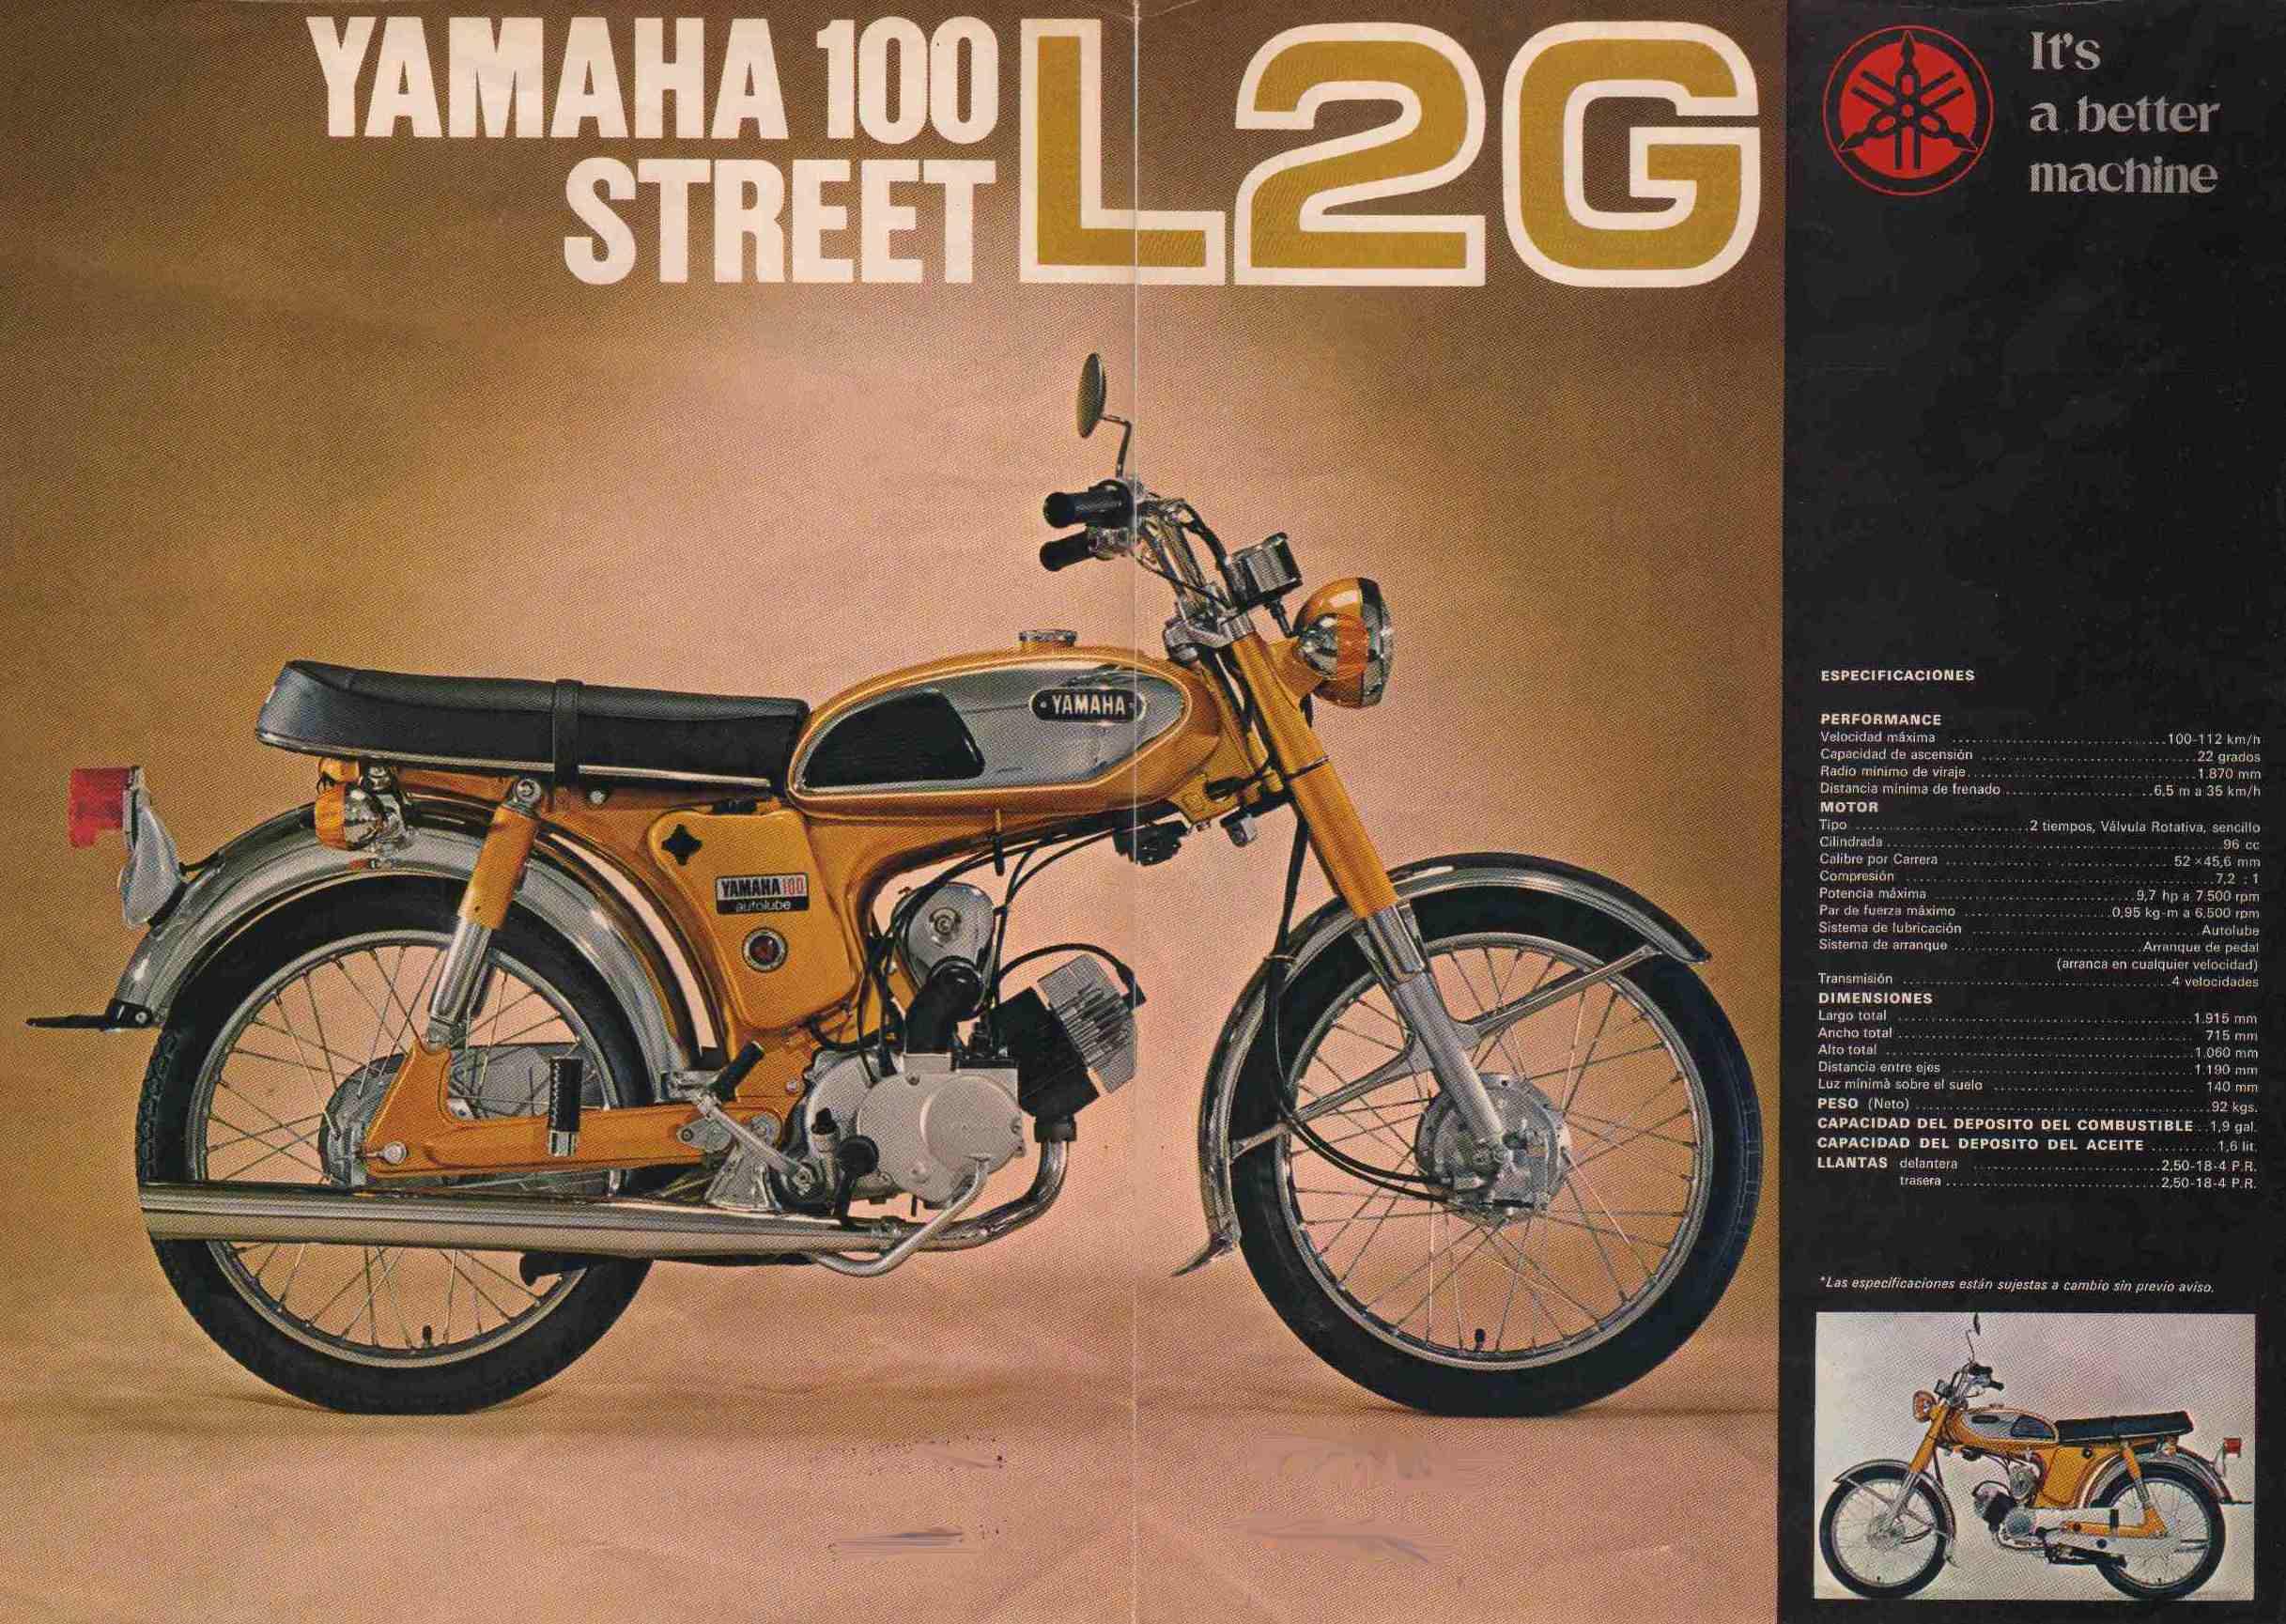 100 yamaha: